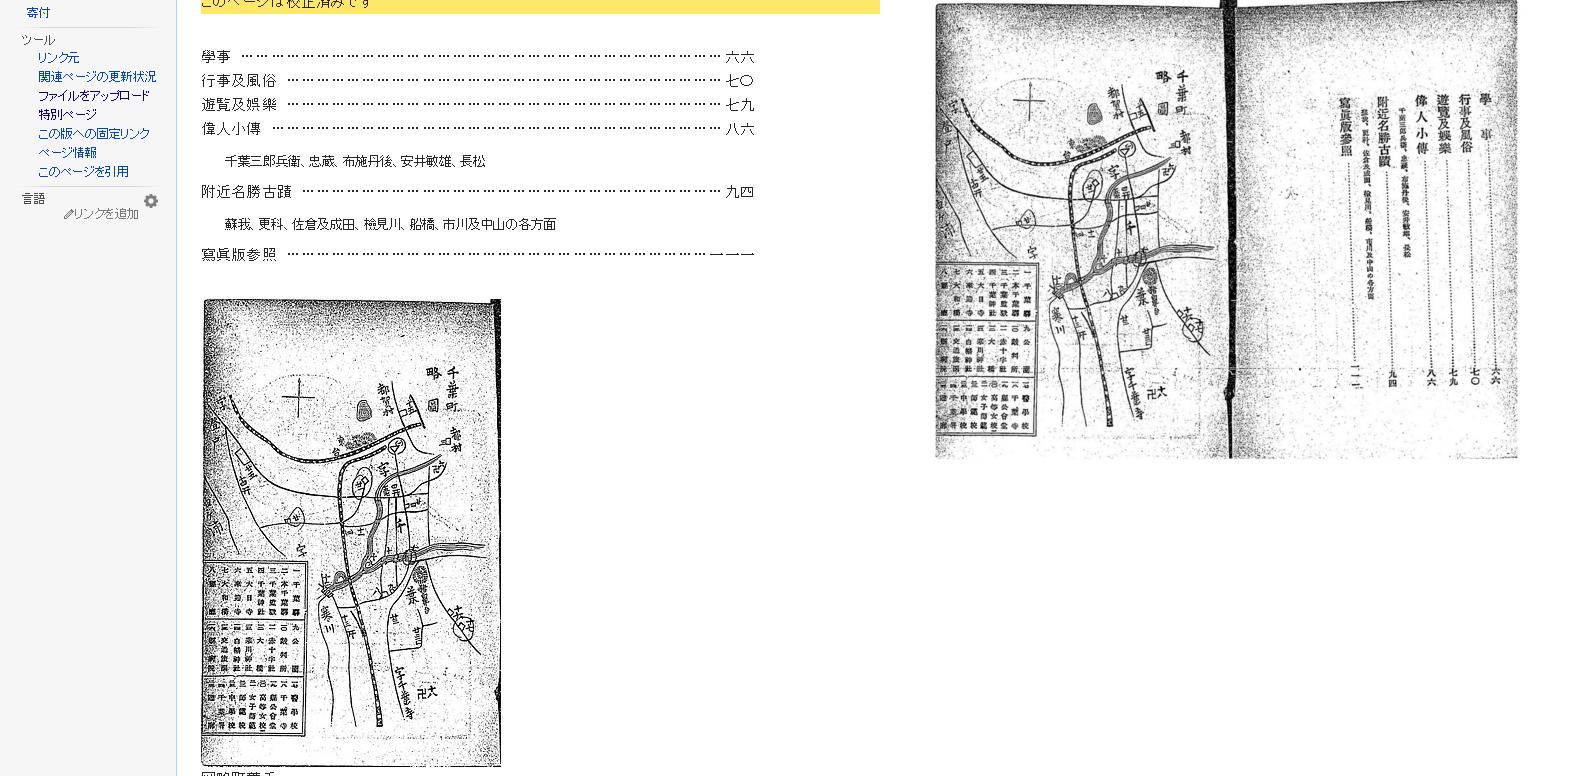 Page Chiba machi annai  Shinkichi Masujima  1911 .pdf 5   Wikisource.png